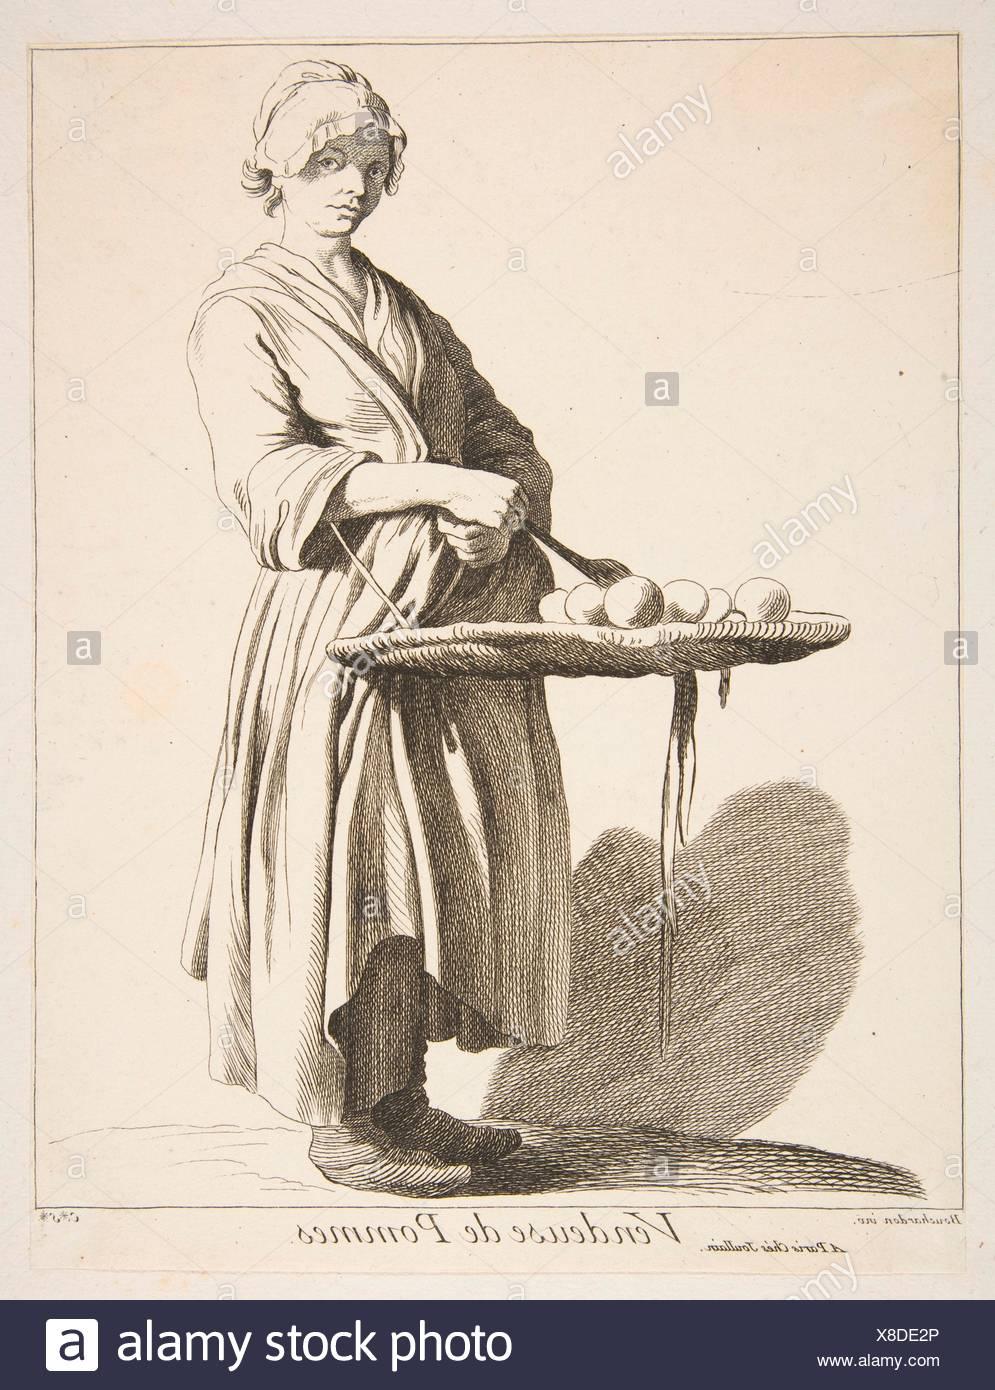 Vendeur Apple. Series/portefeuille: Cris de Paris: Cinquième Set; Artiste: Anne Claude Philippe de Amanda et Antony, comte de Caylus (français, Paris 1692-1765 Paris); Photo Stock